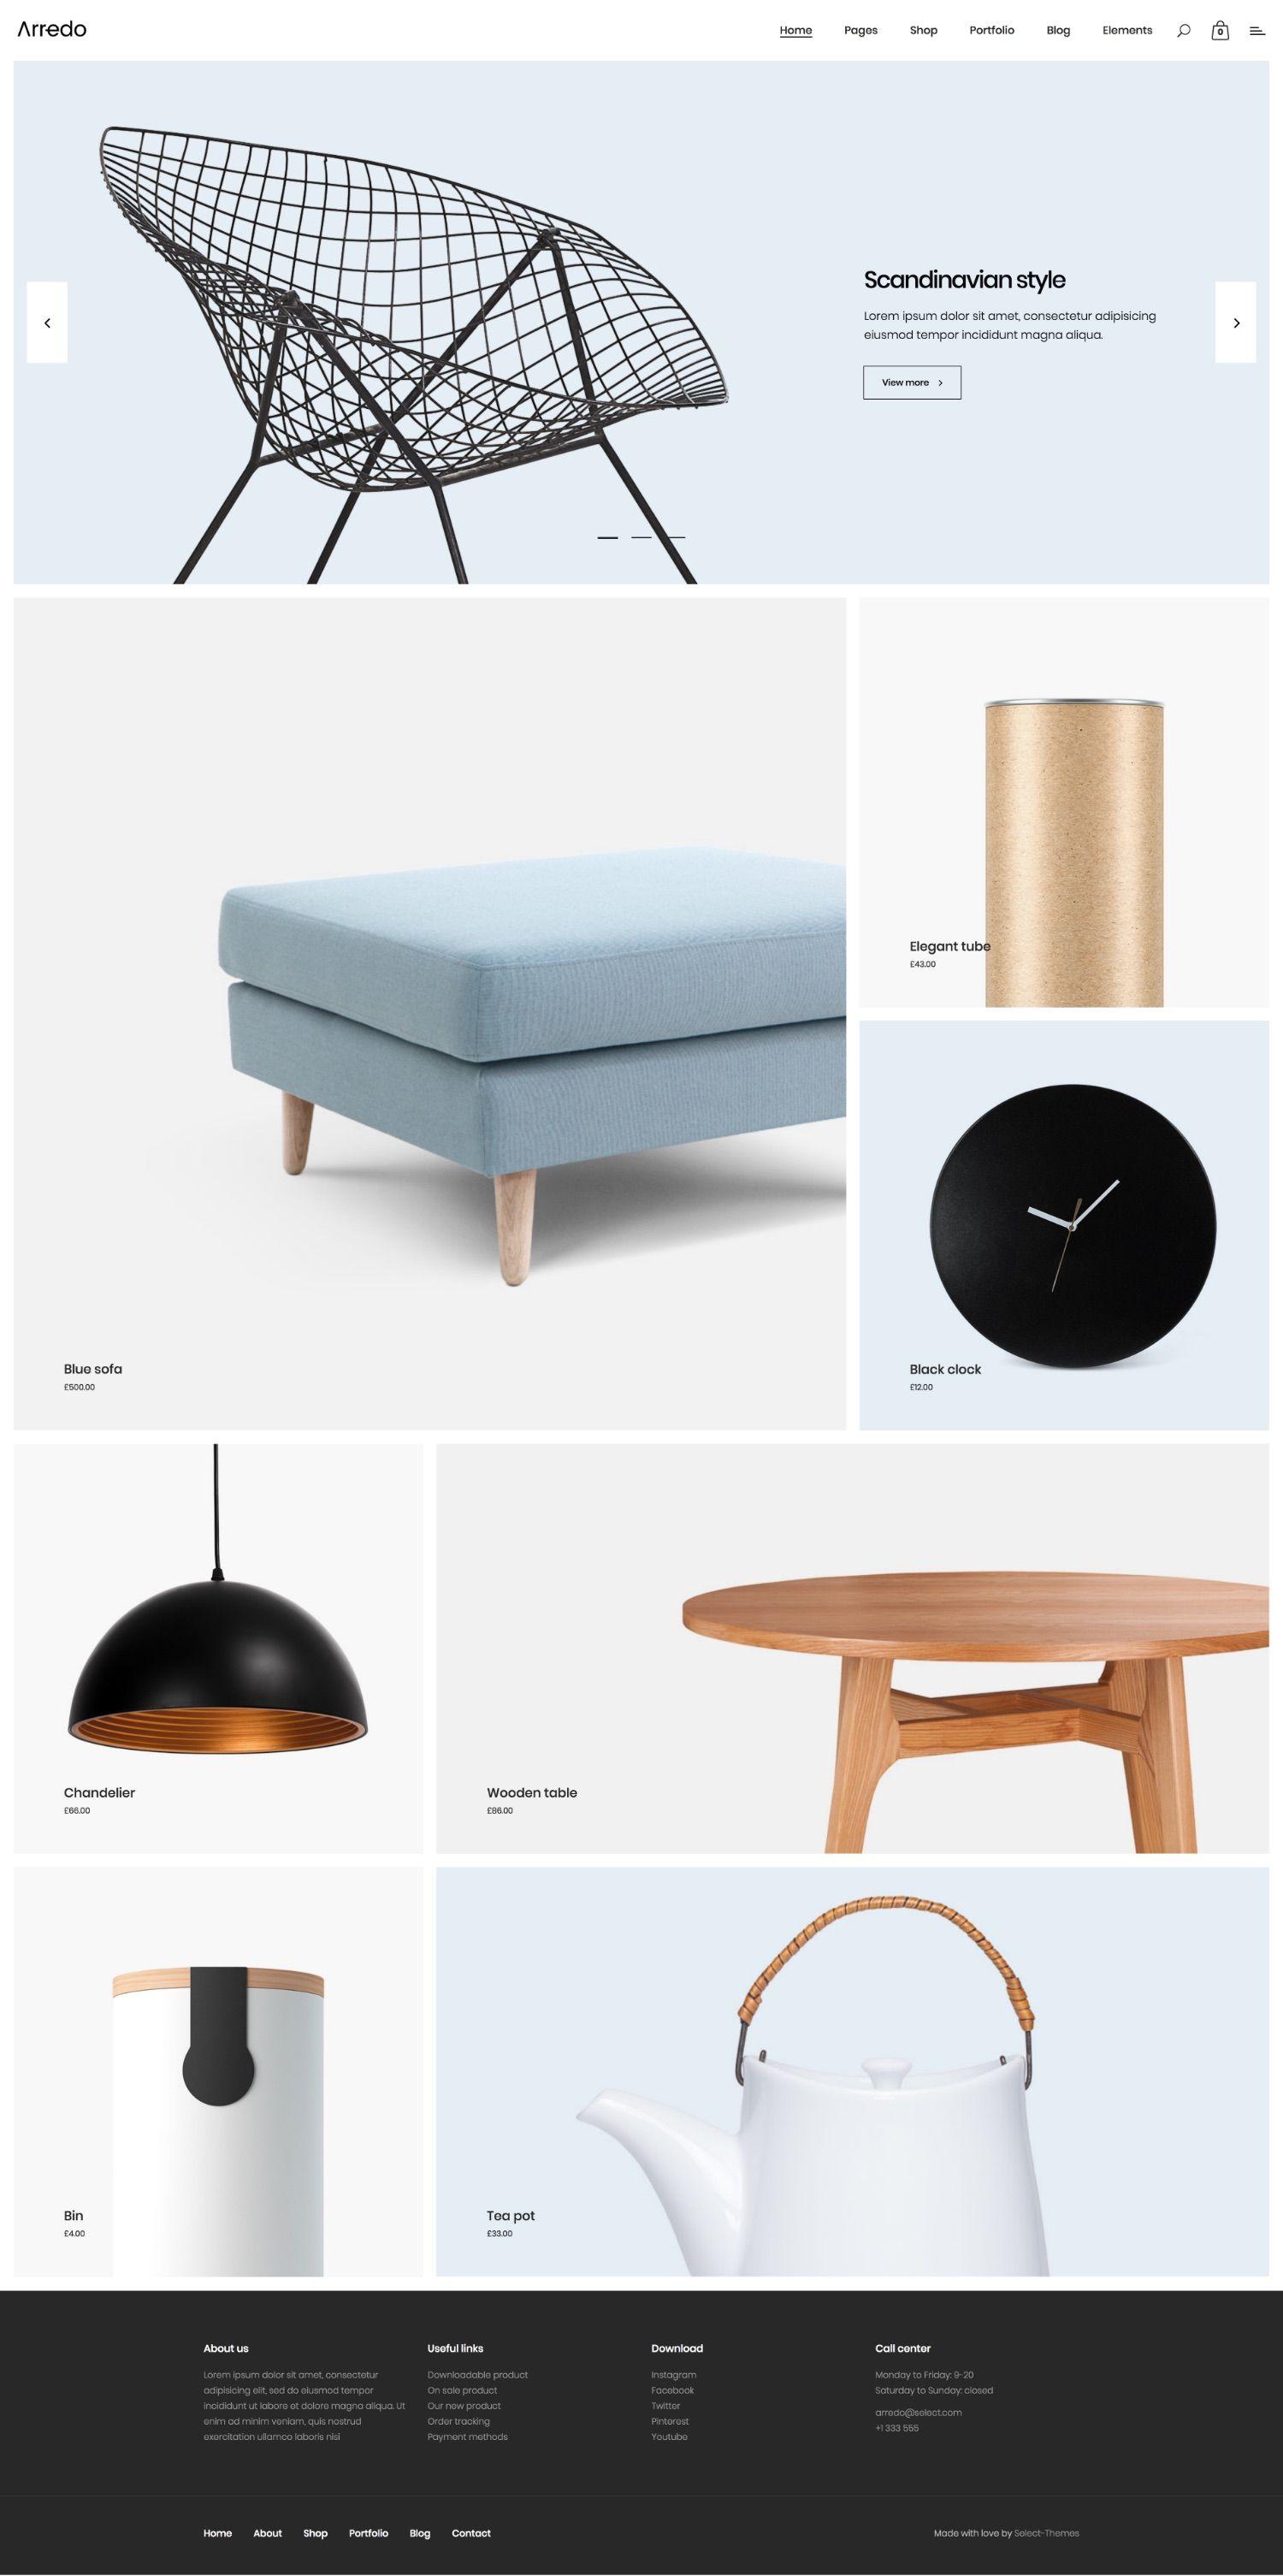 Arredo - Clean Furniture Store   Furniture store design, Furniture